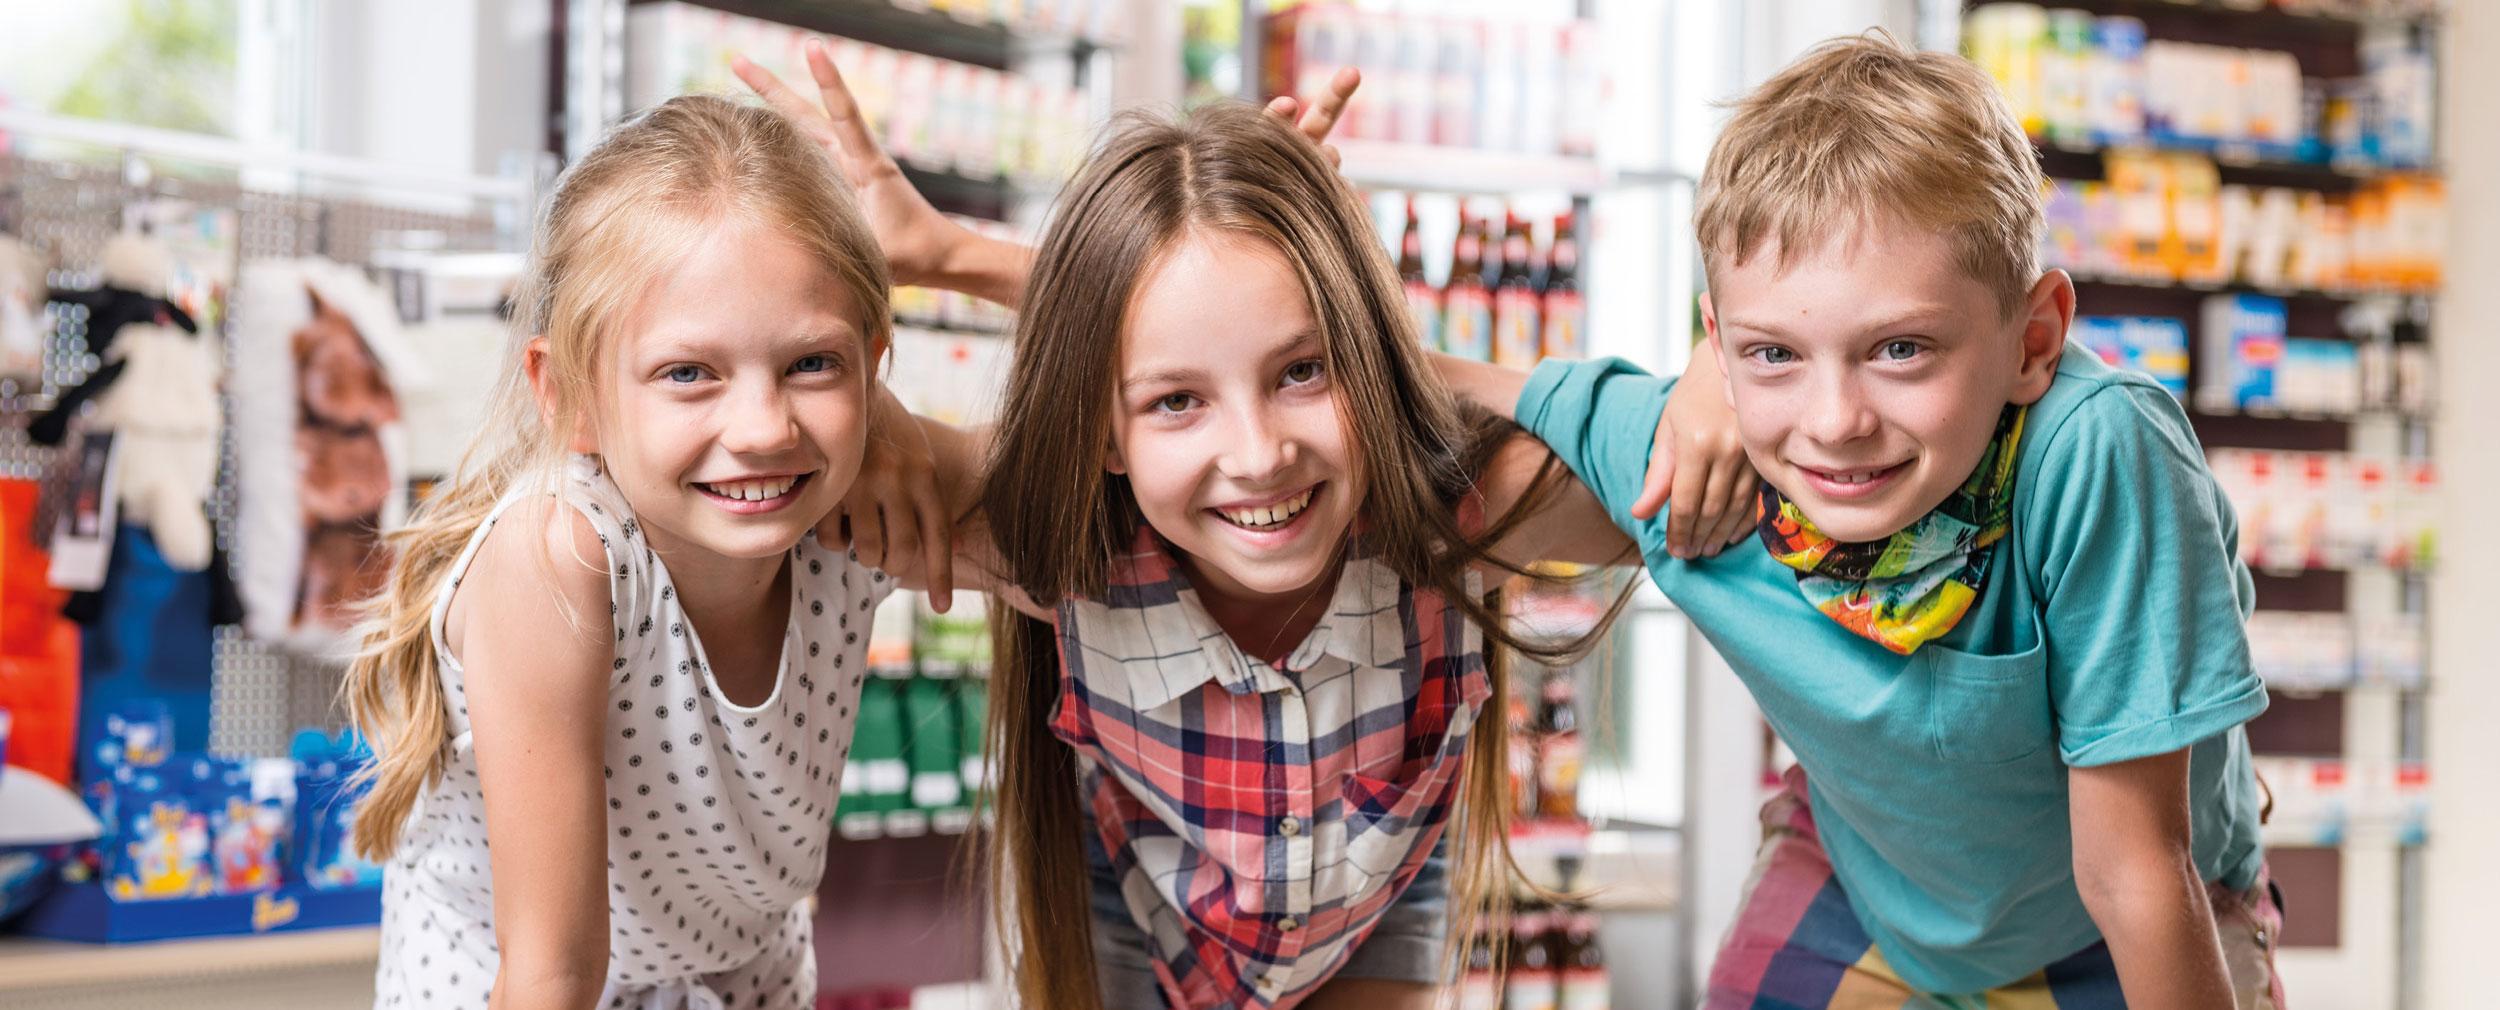 Sliderfotos-stadtapotheke-service-angebote-Kinder